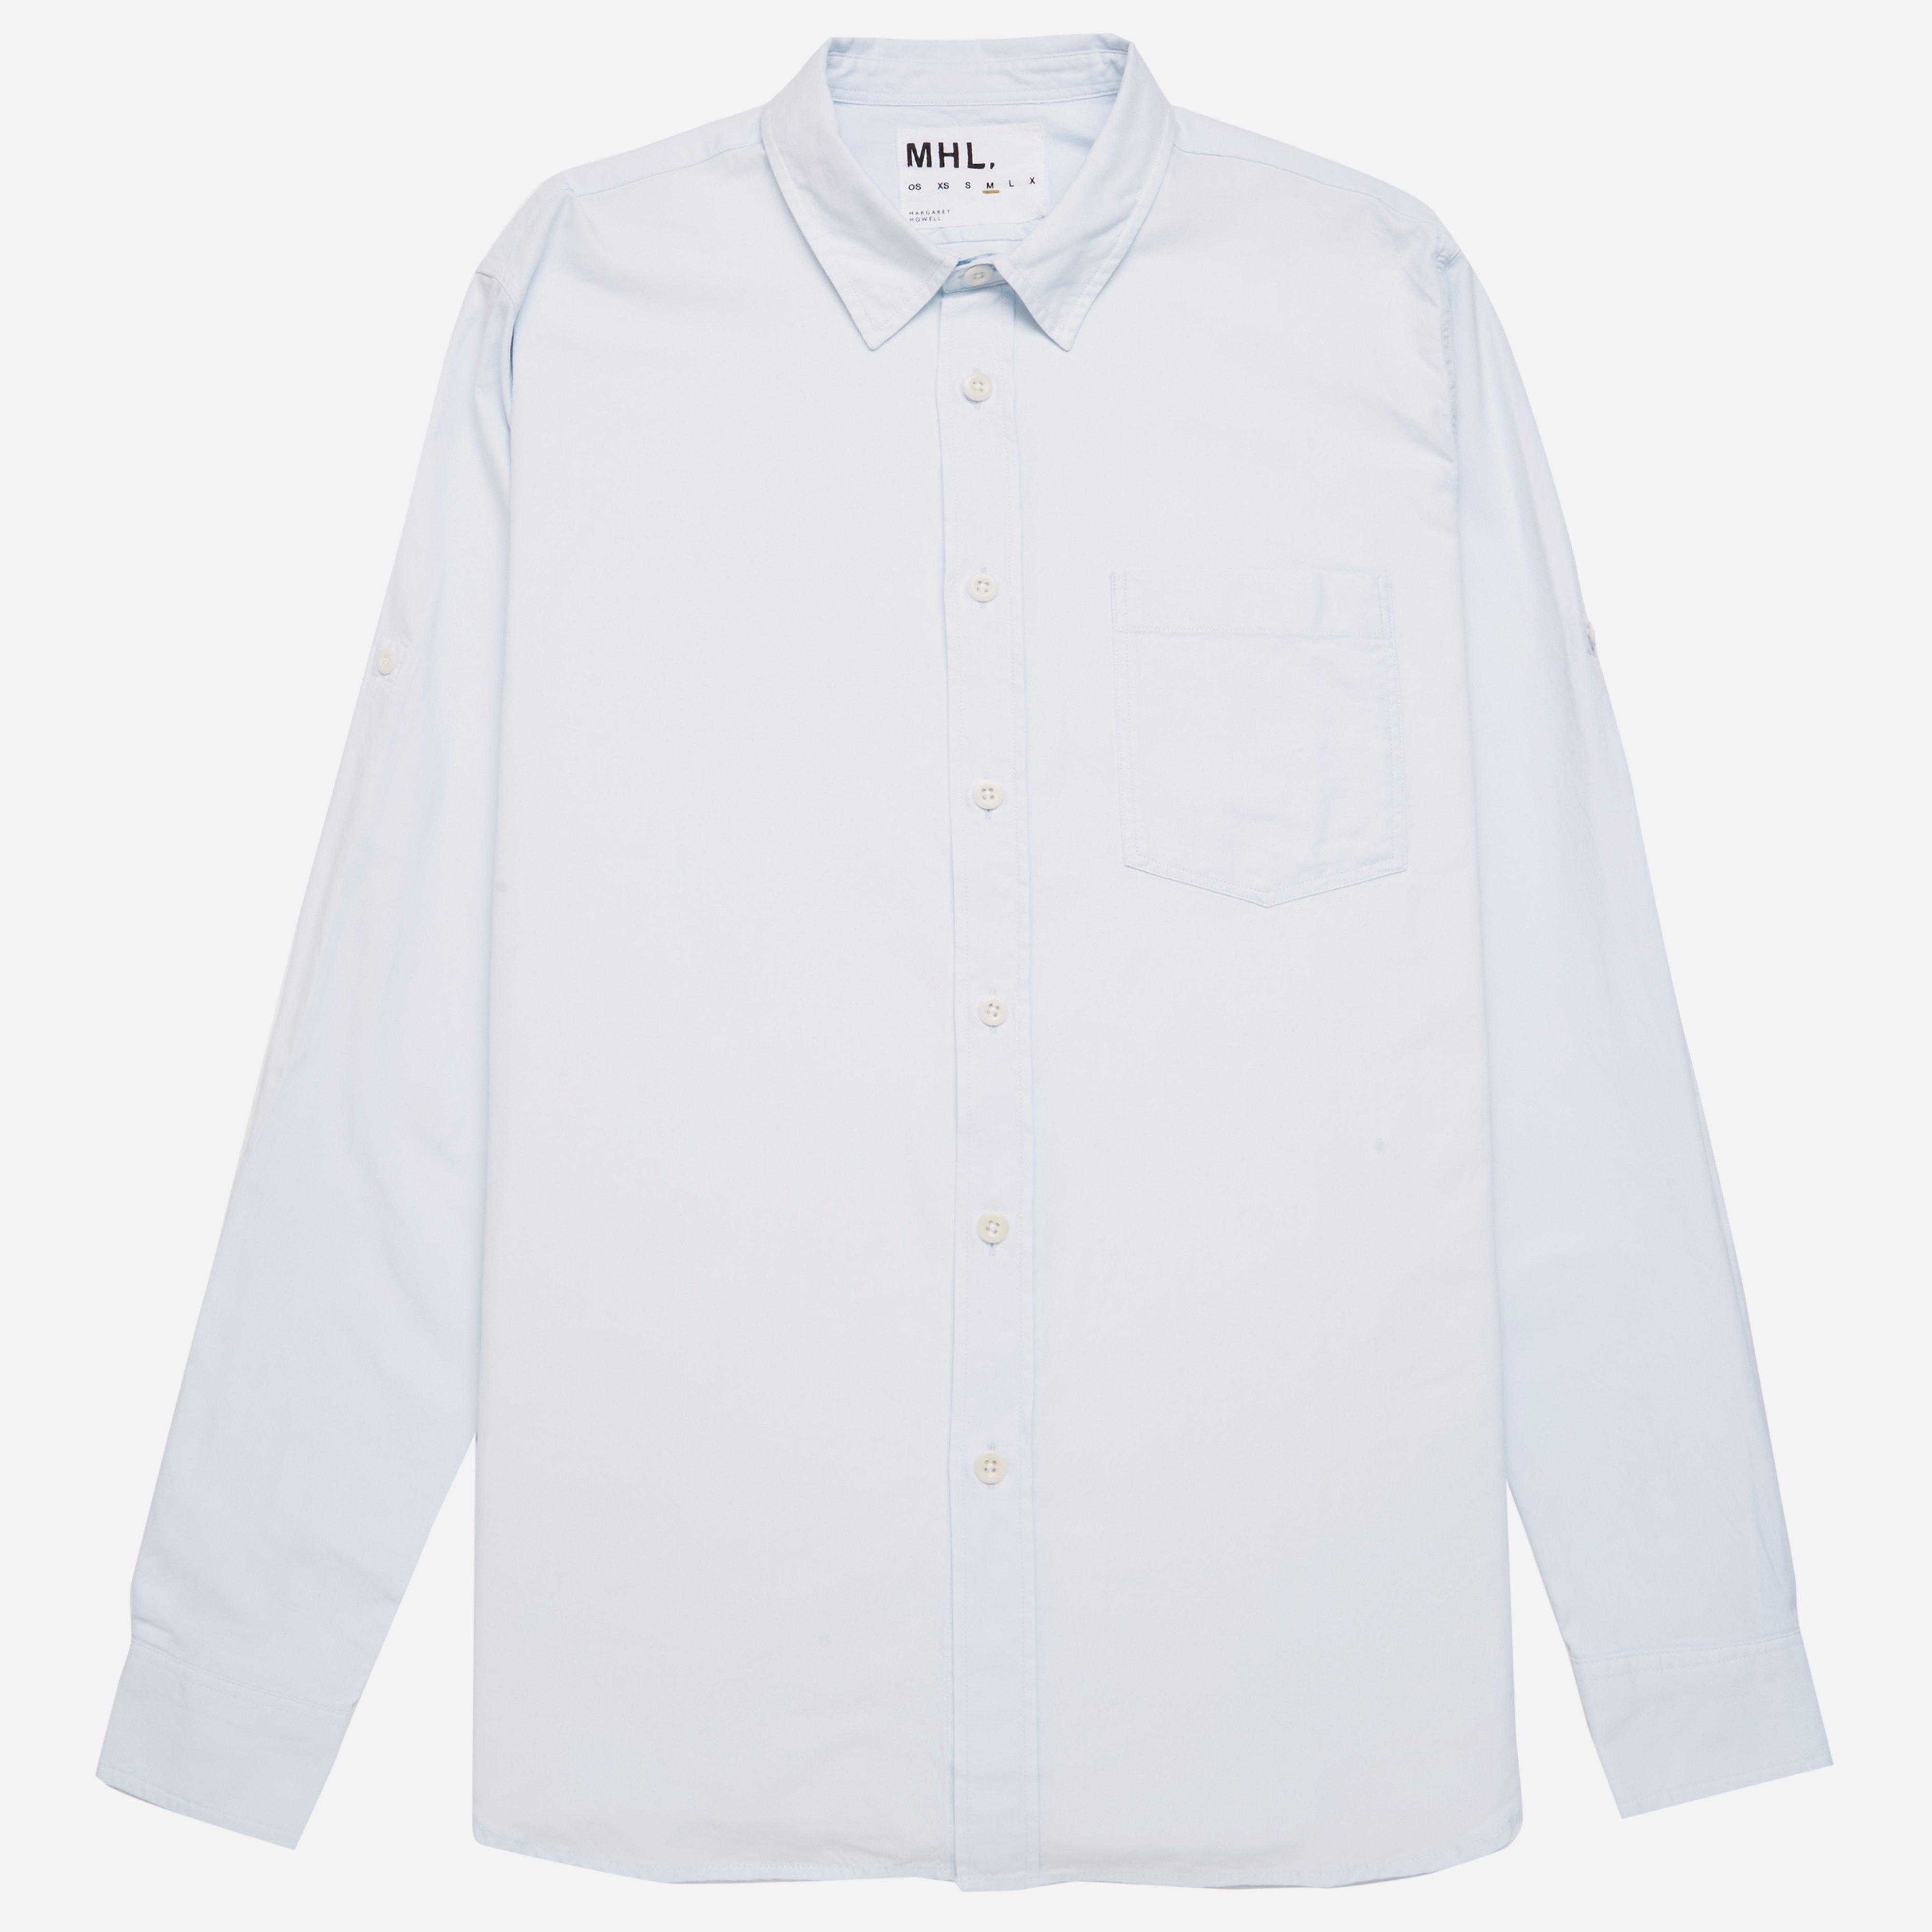 MHL Basic Yarn Dye Oxford Cotton Shirt